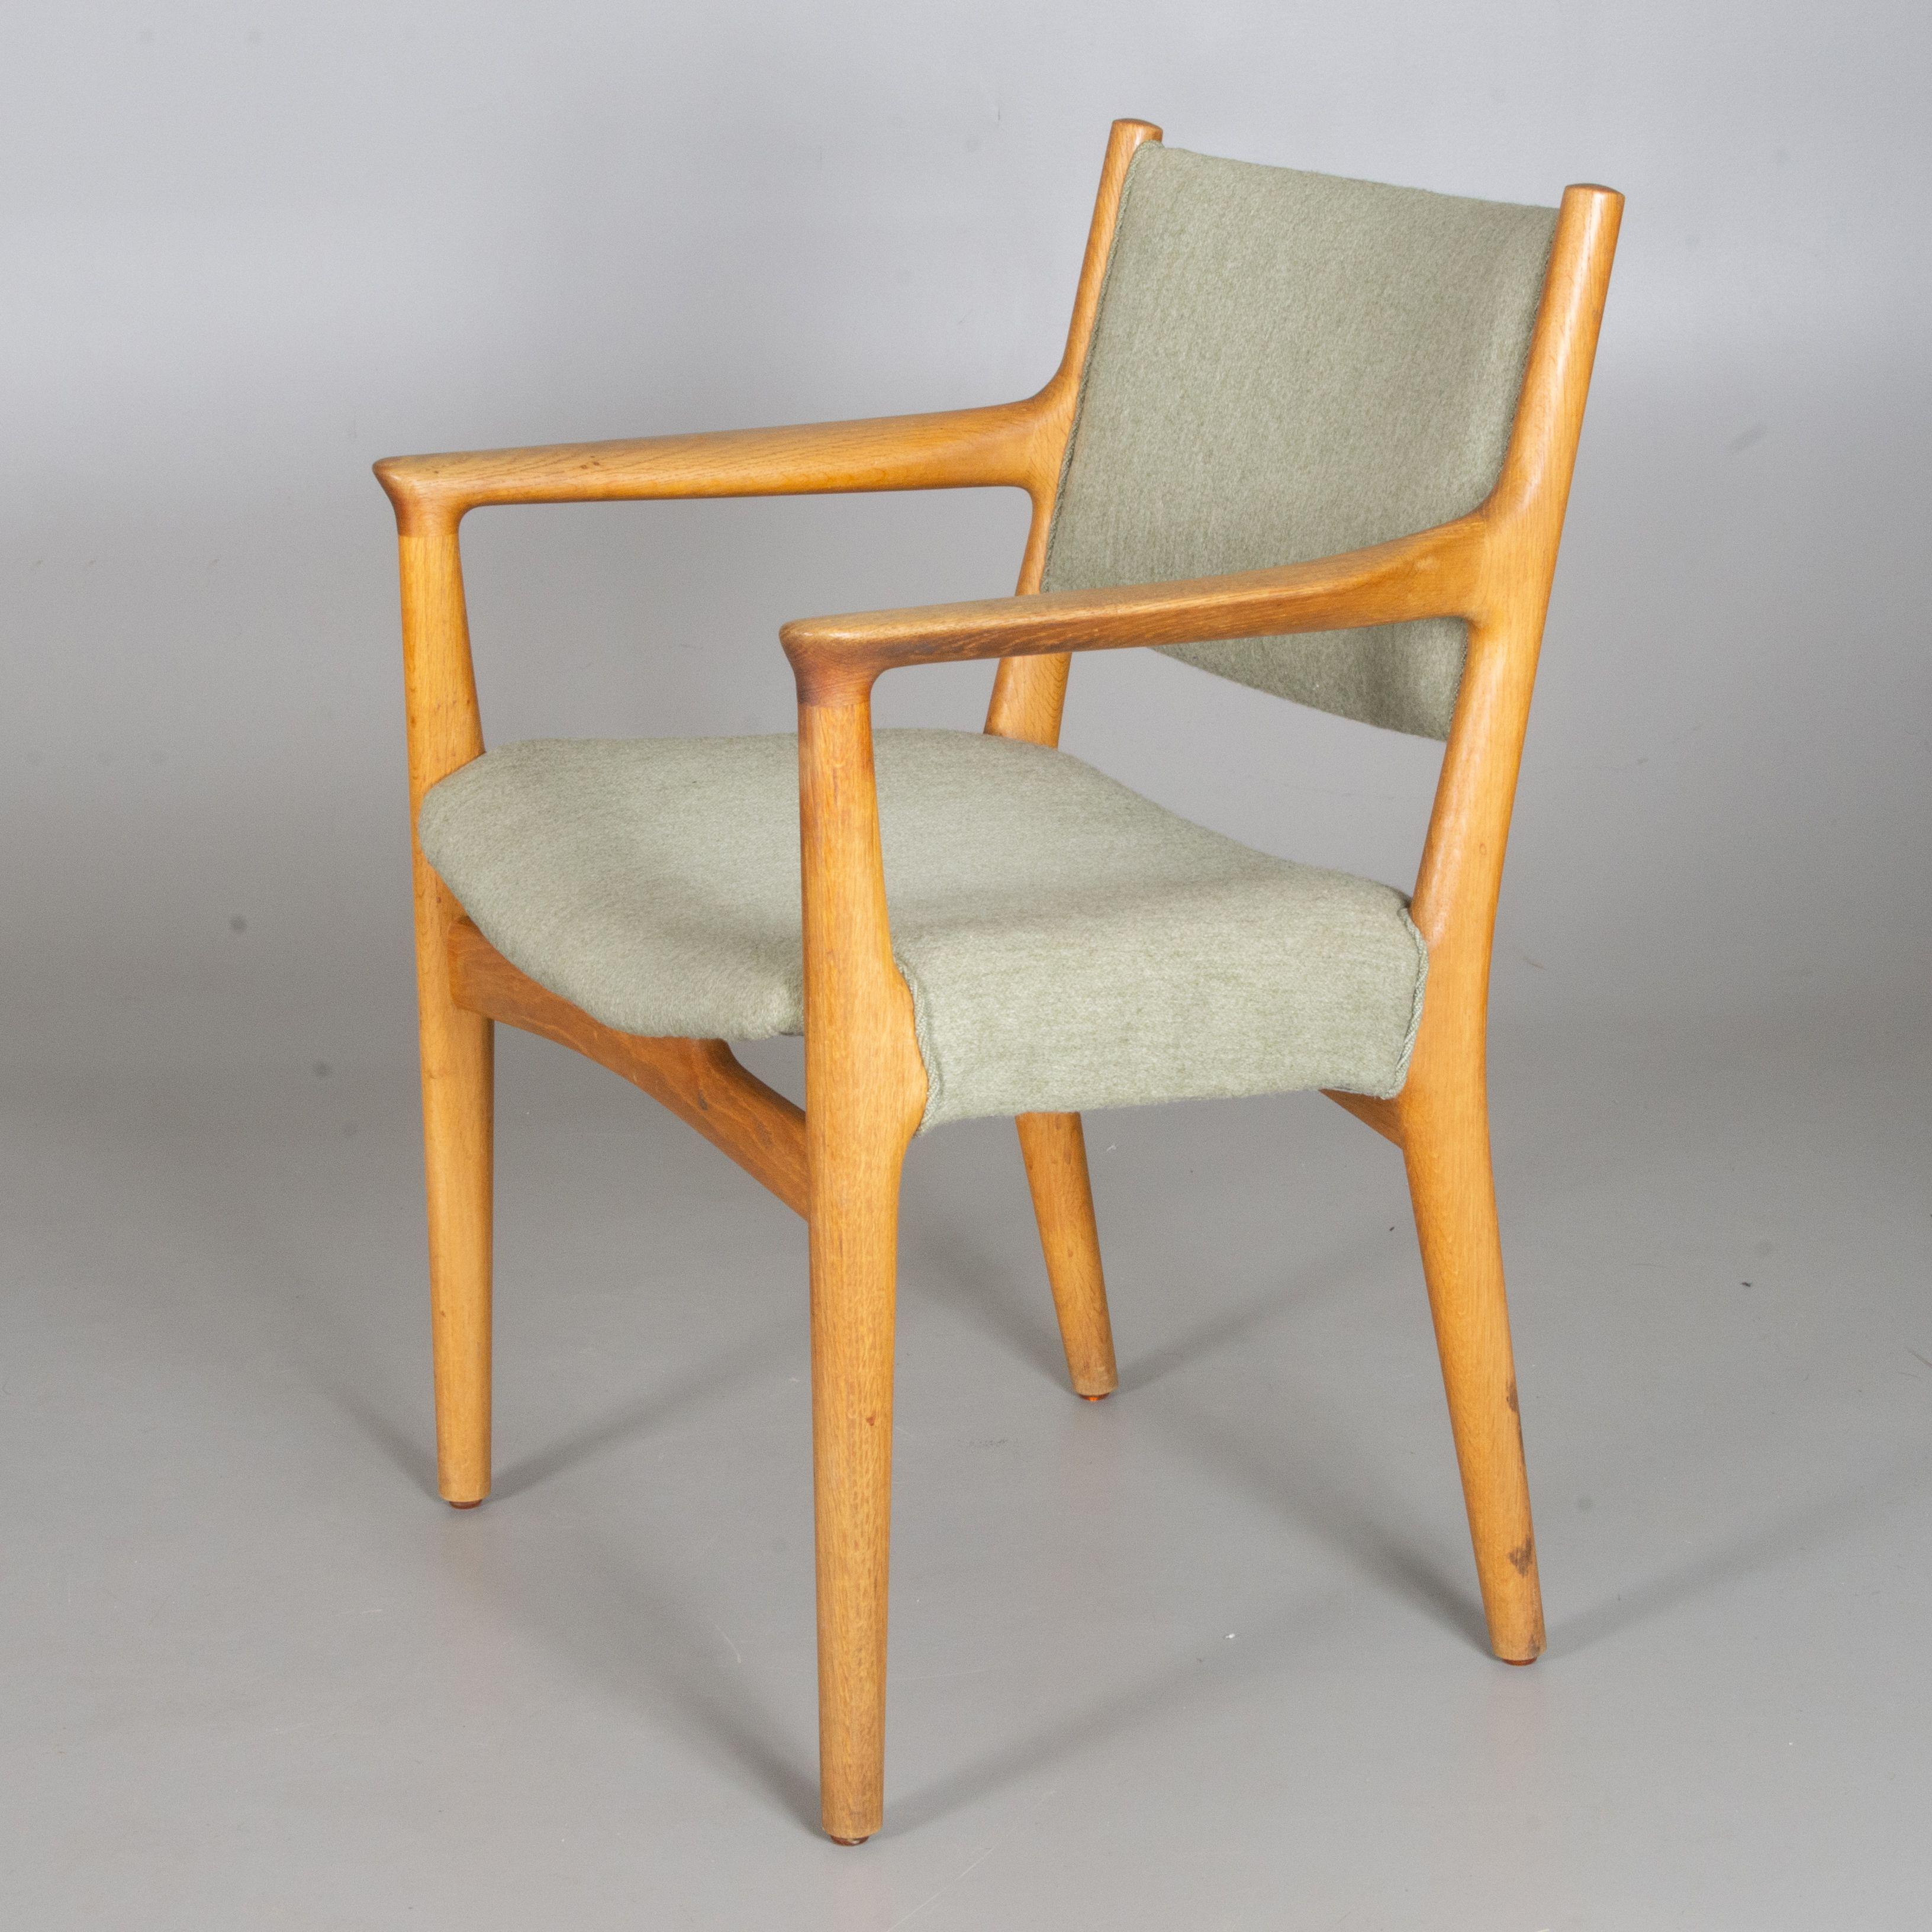 Hans J Wegner Jh507 Johannes Hansen Denmark 1955 Furniture